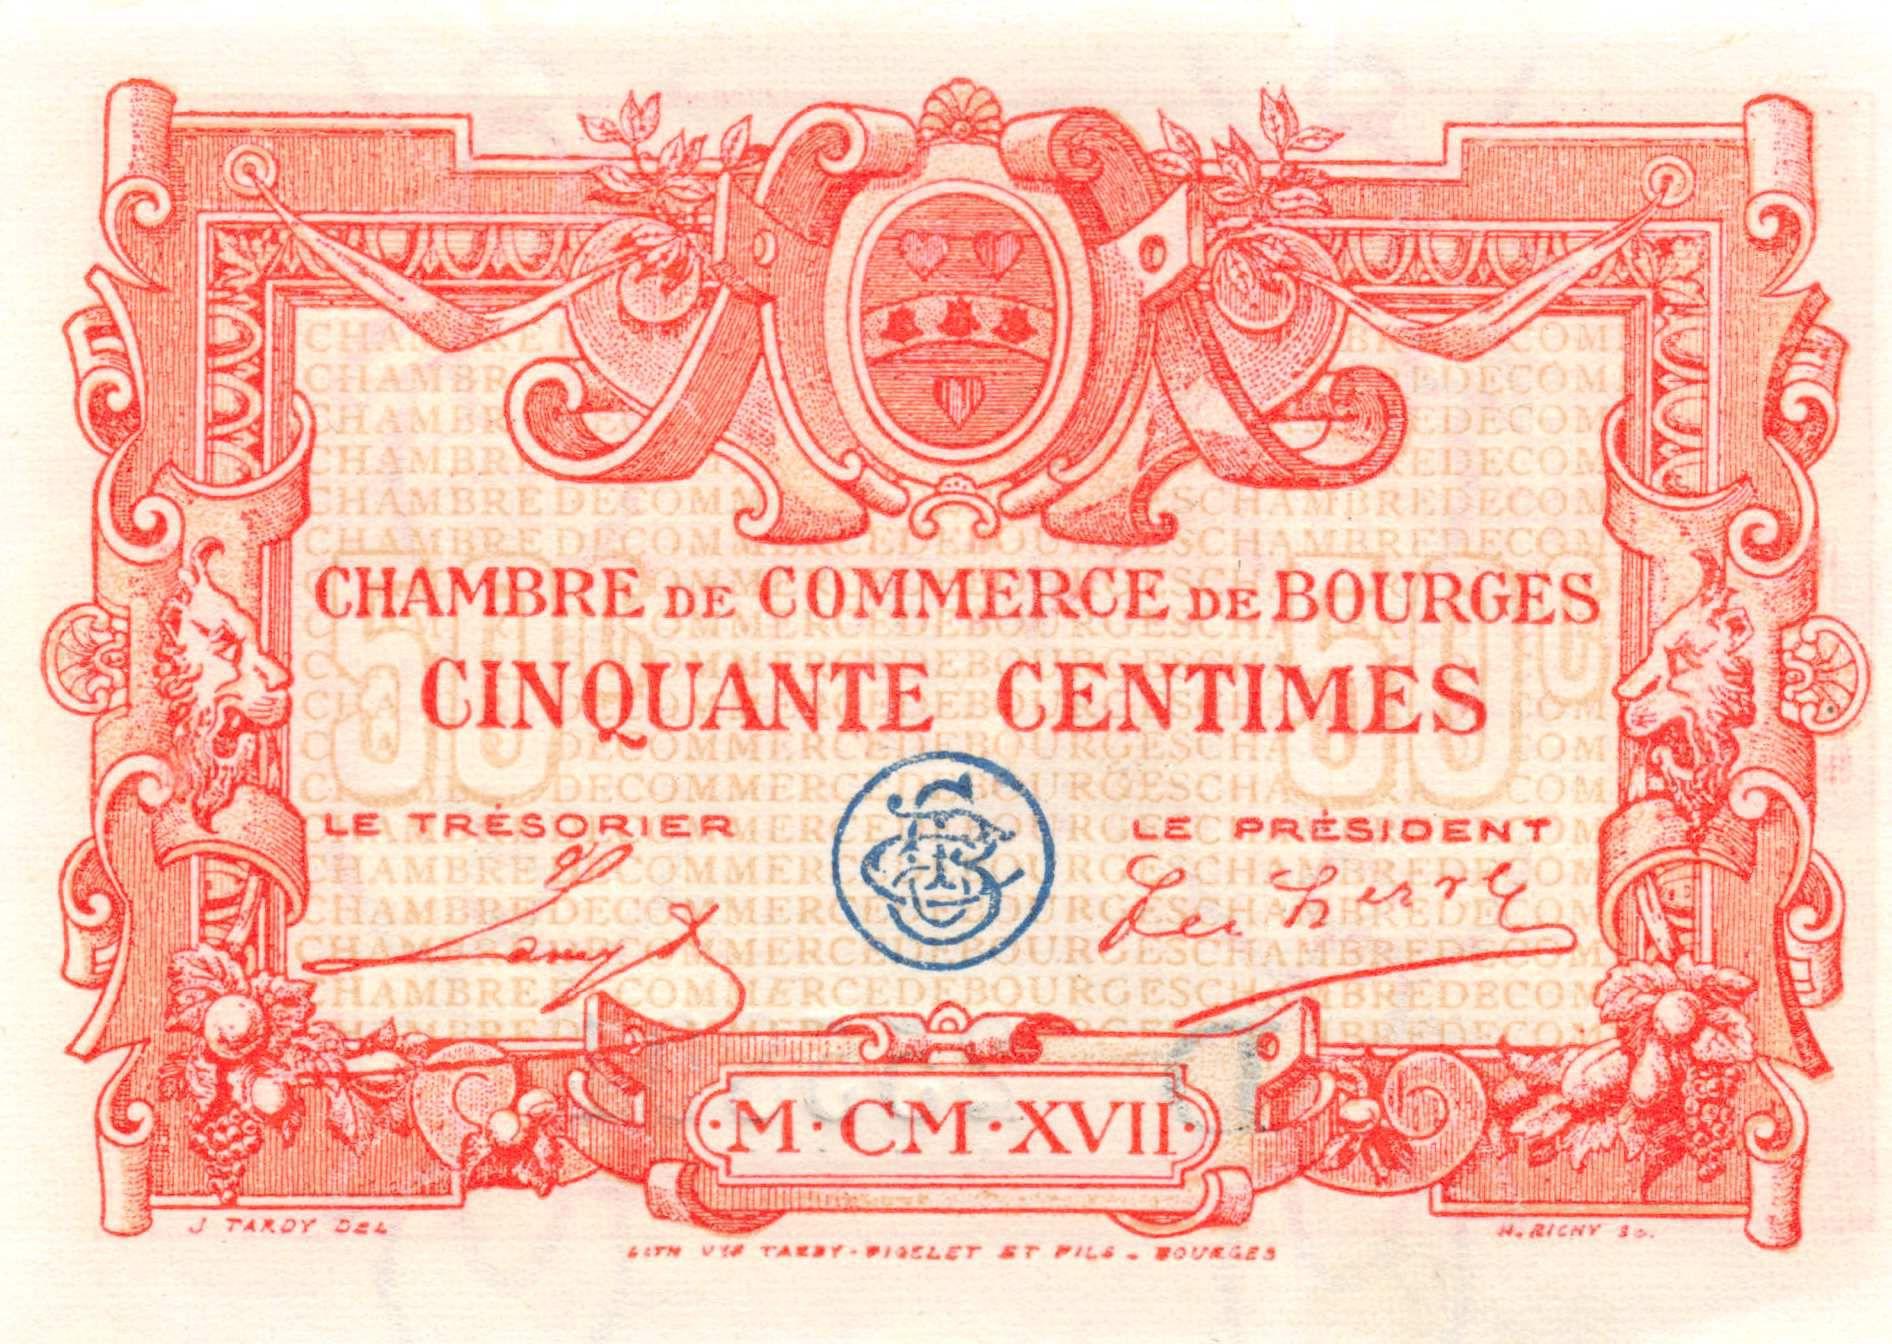 France 50 Centimes - Chambre de Commerce de Bourges 1917 - P.NEUF